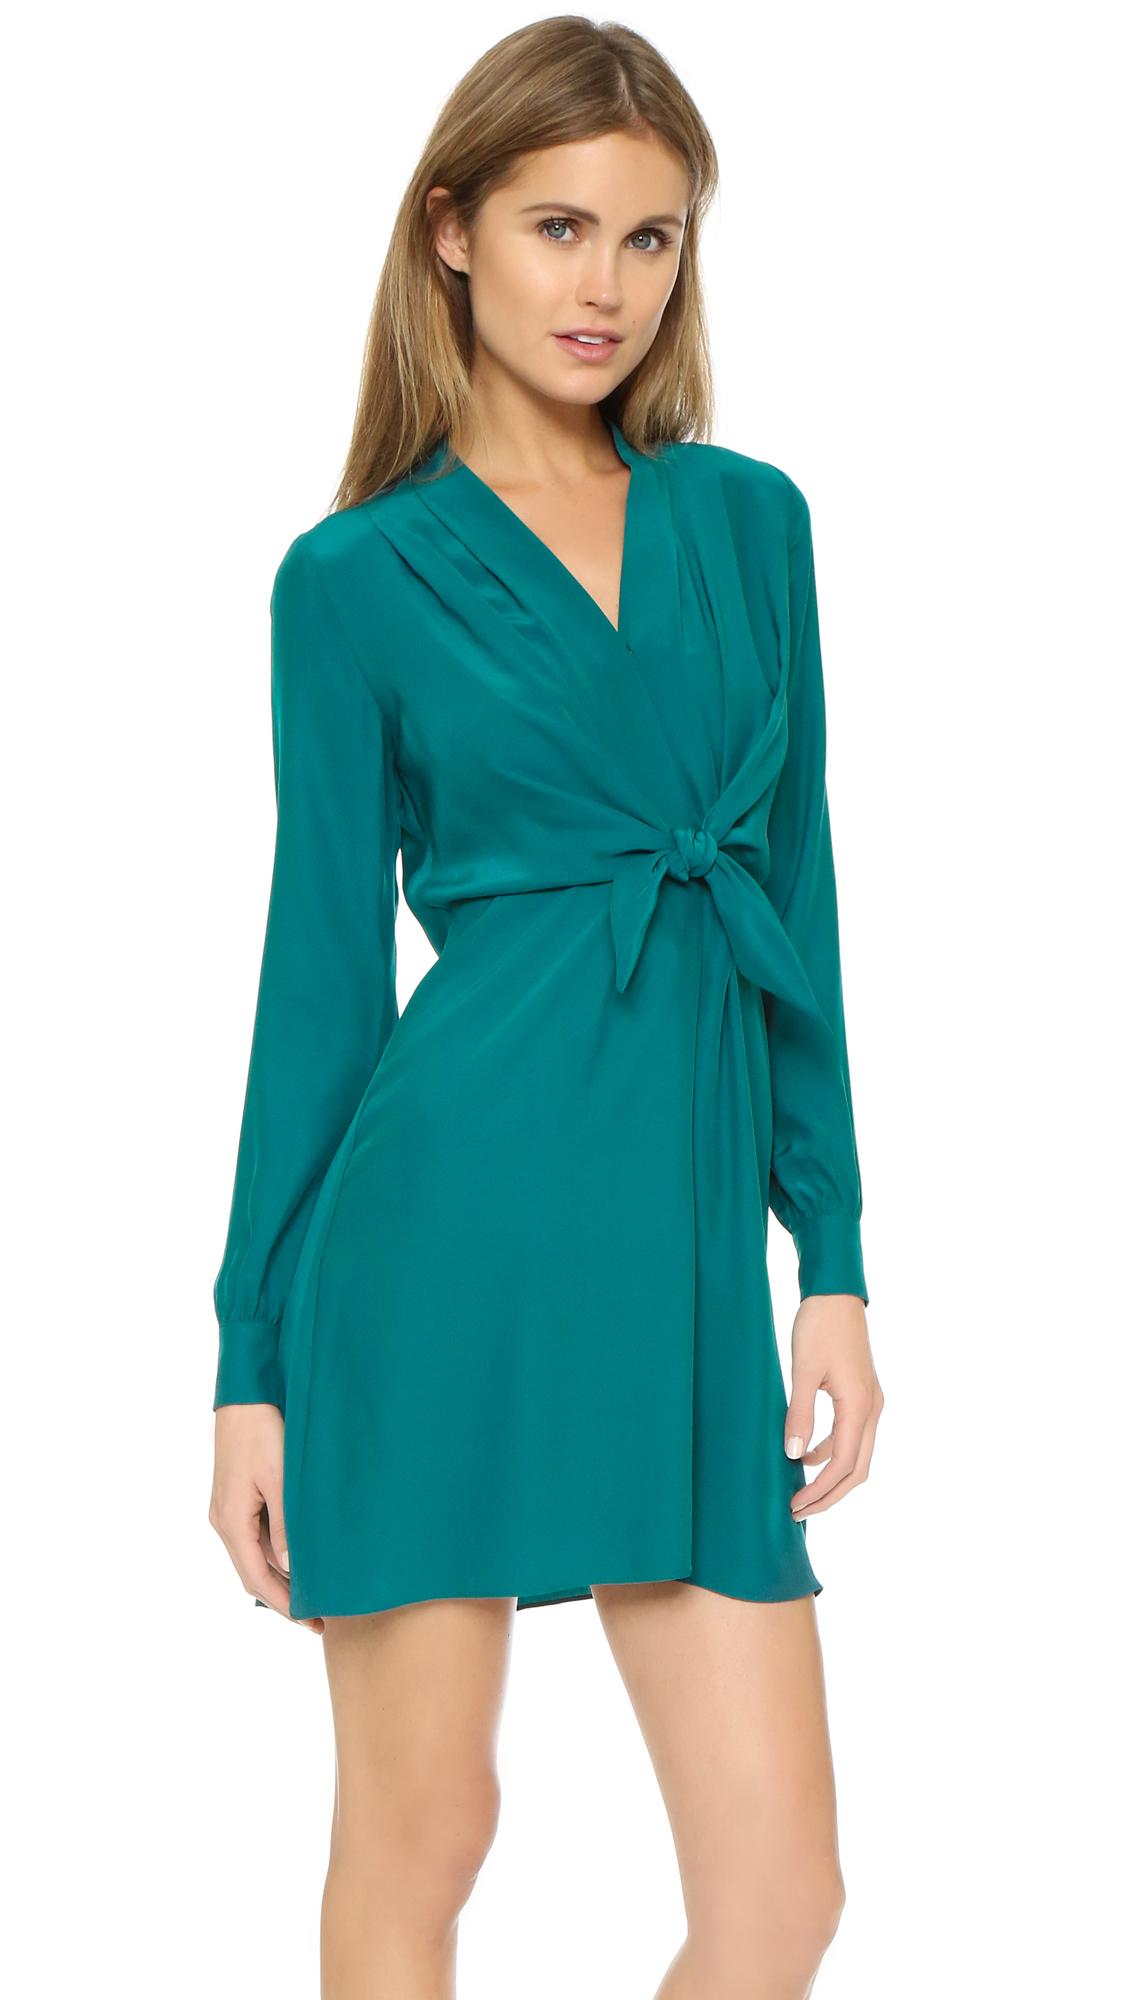 Lyst - Amanda Uprichard Gabriella Dress in Green